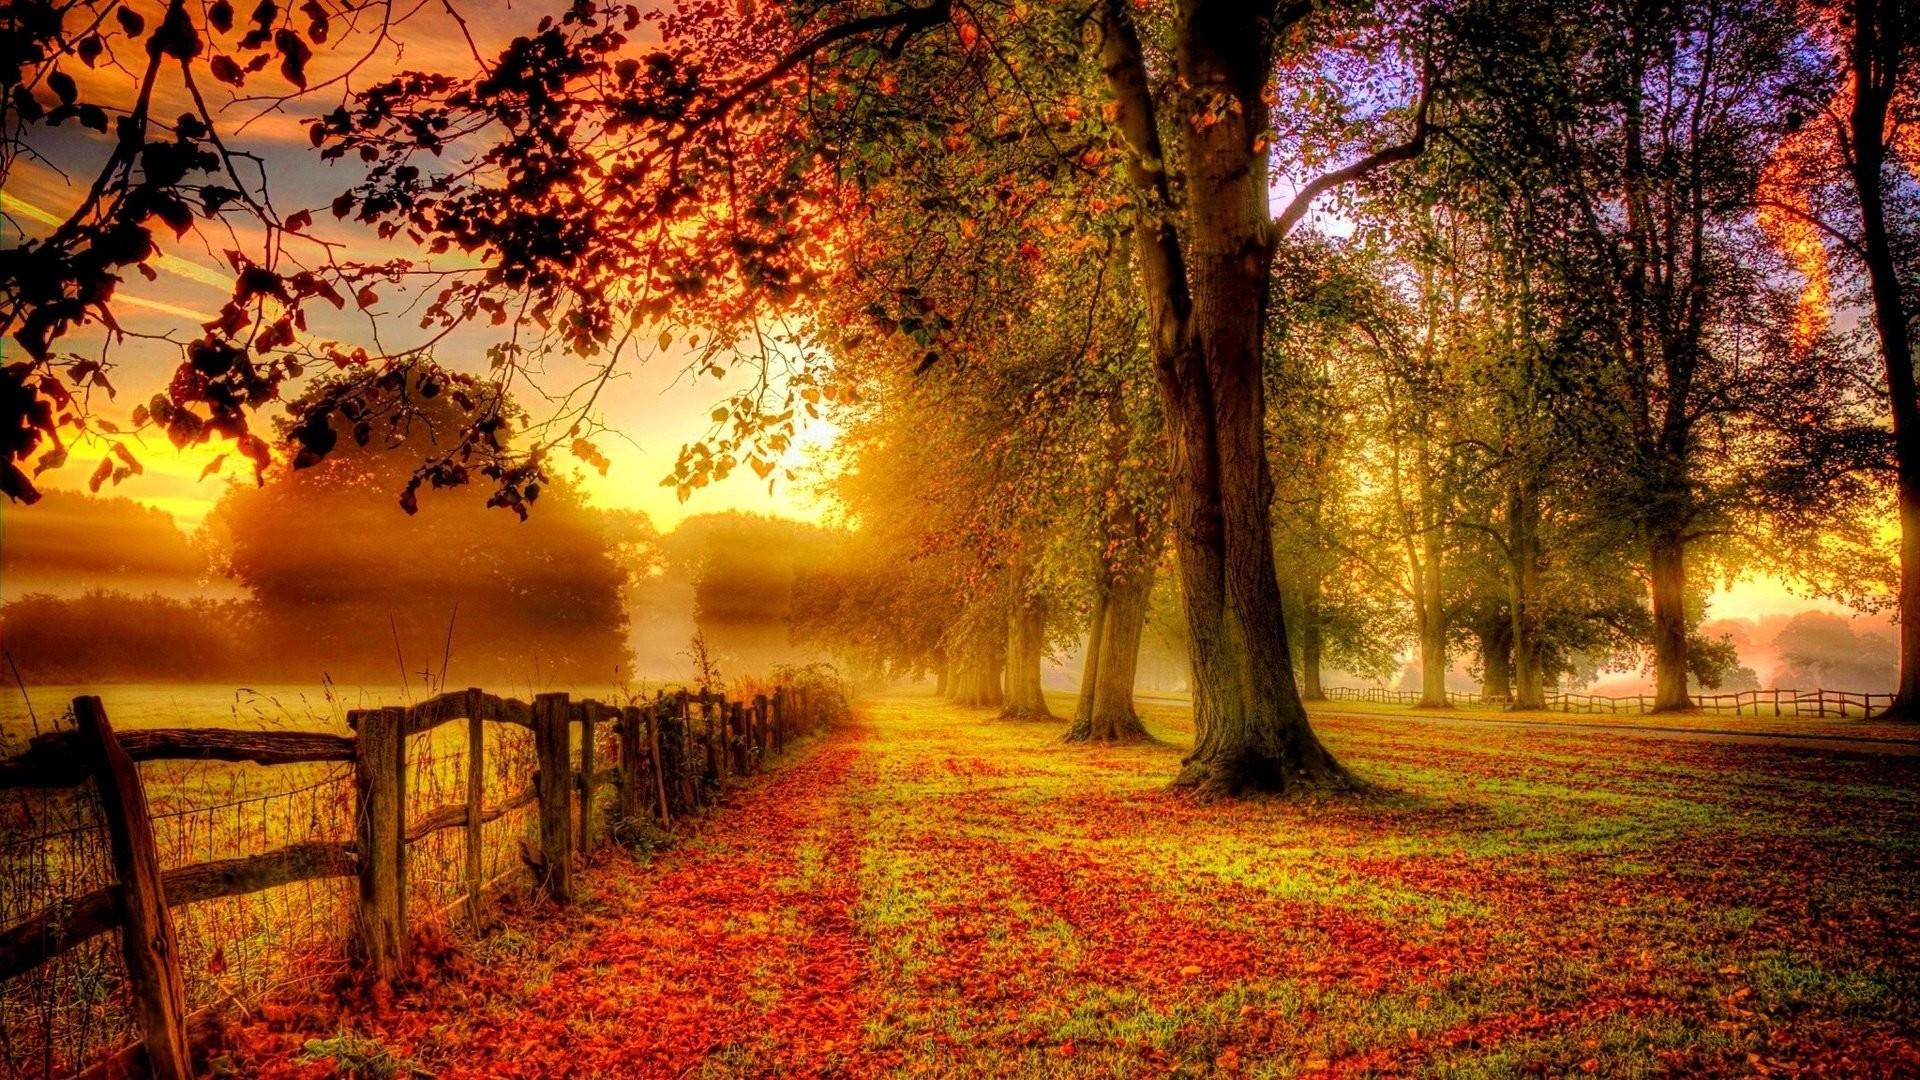 hình nền mùa thu đẹp